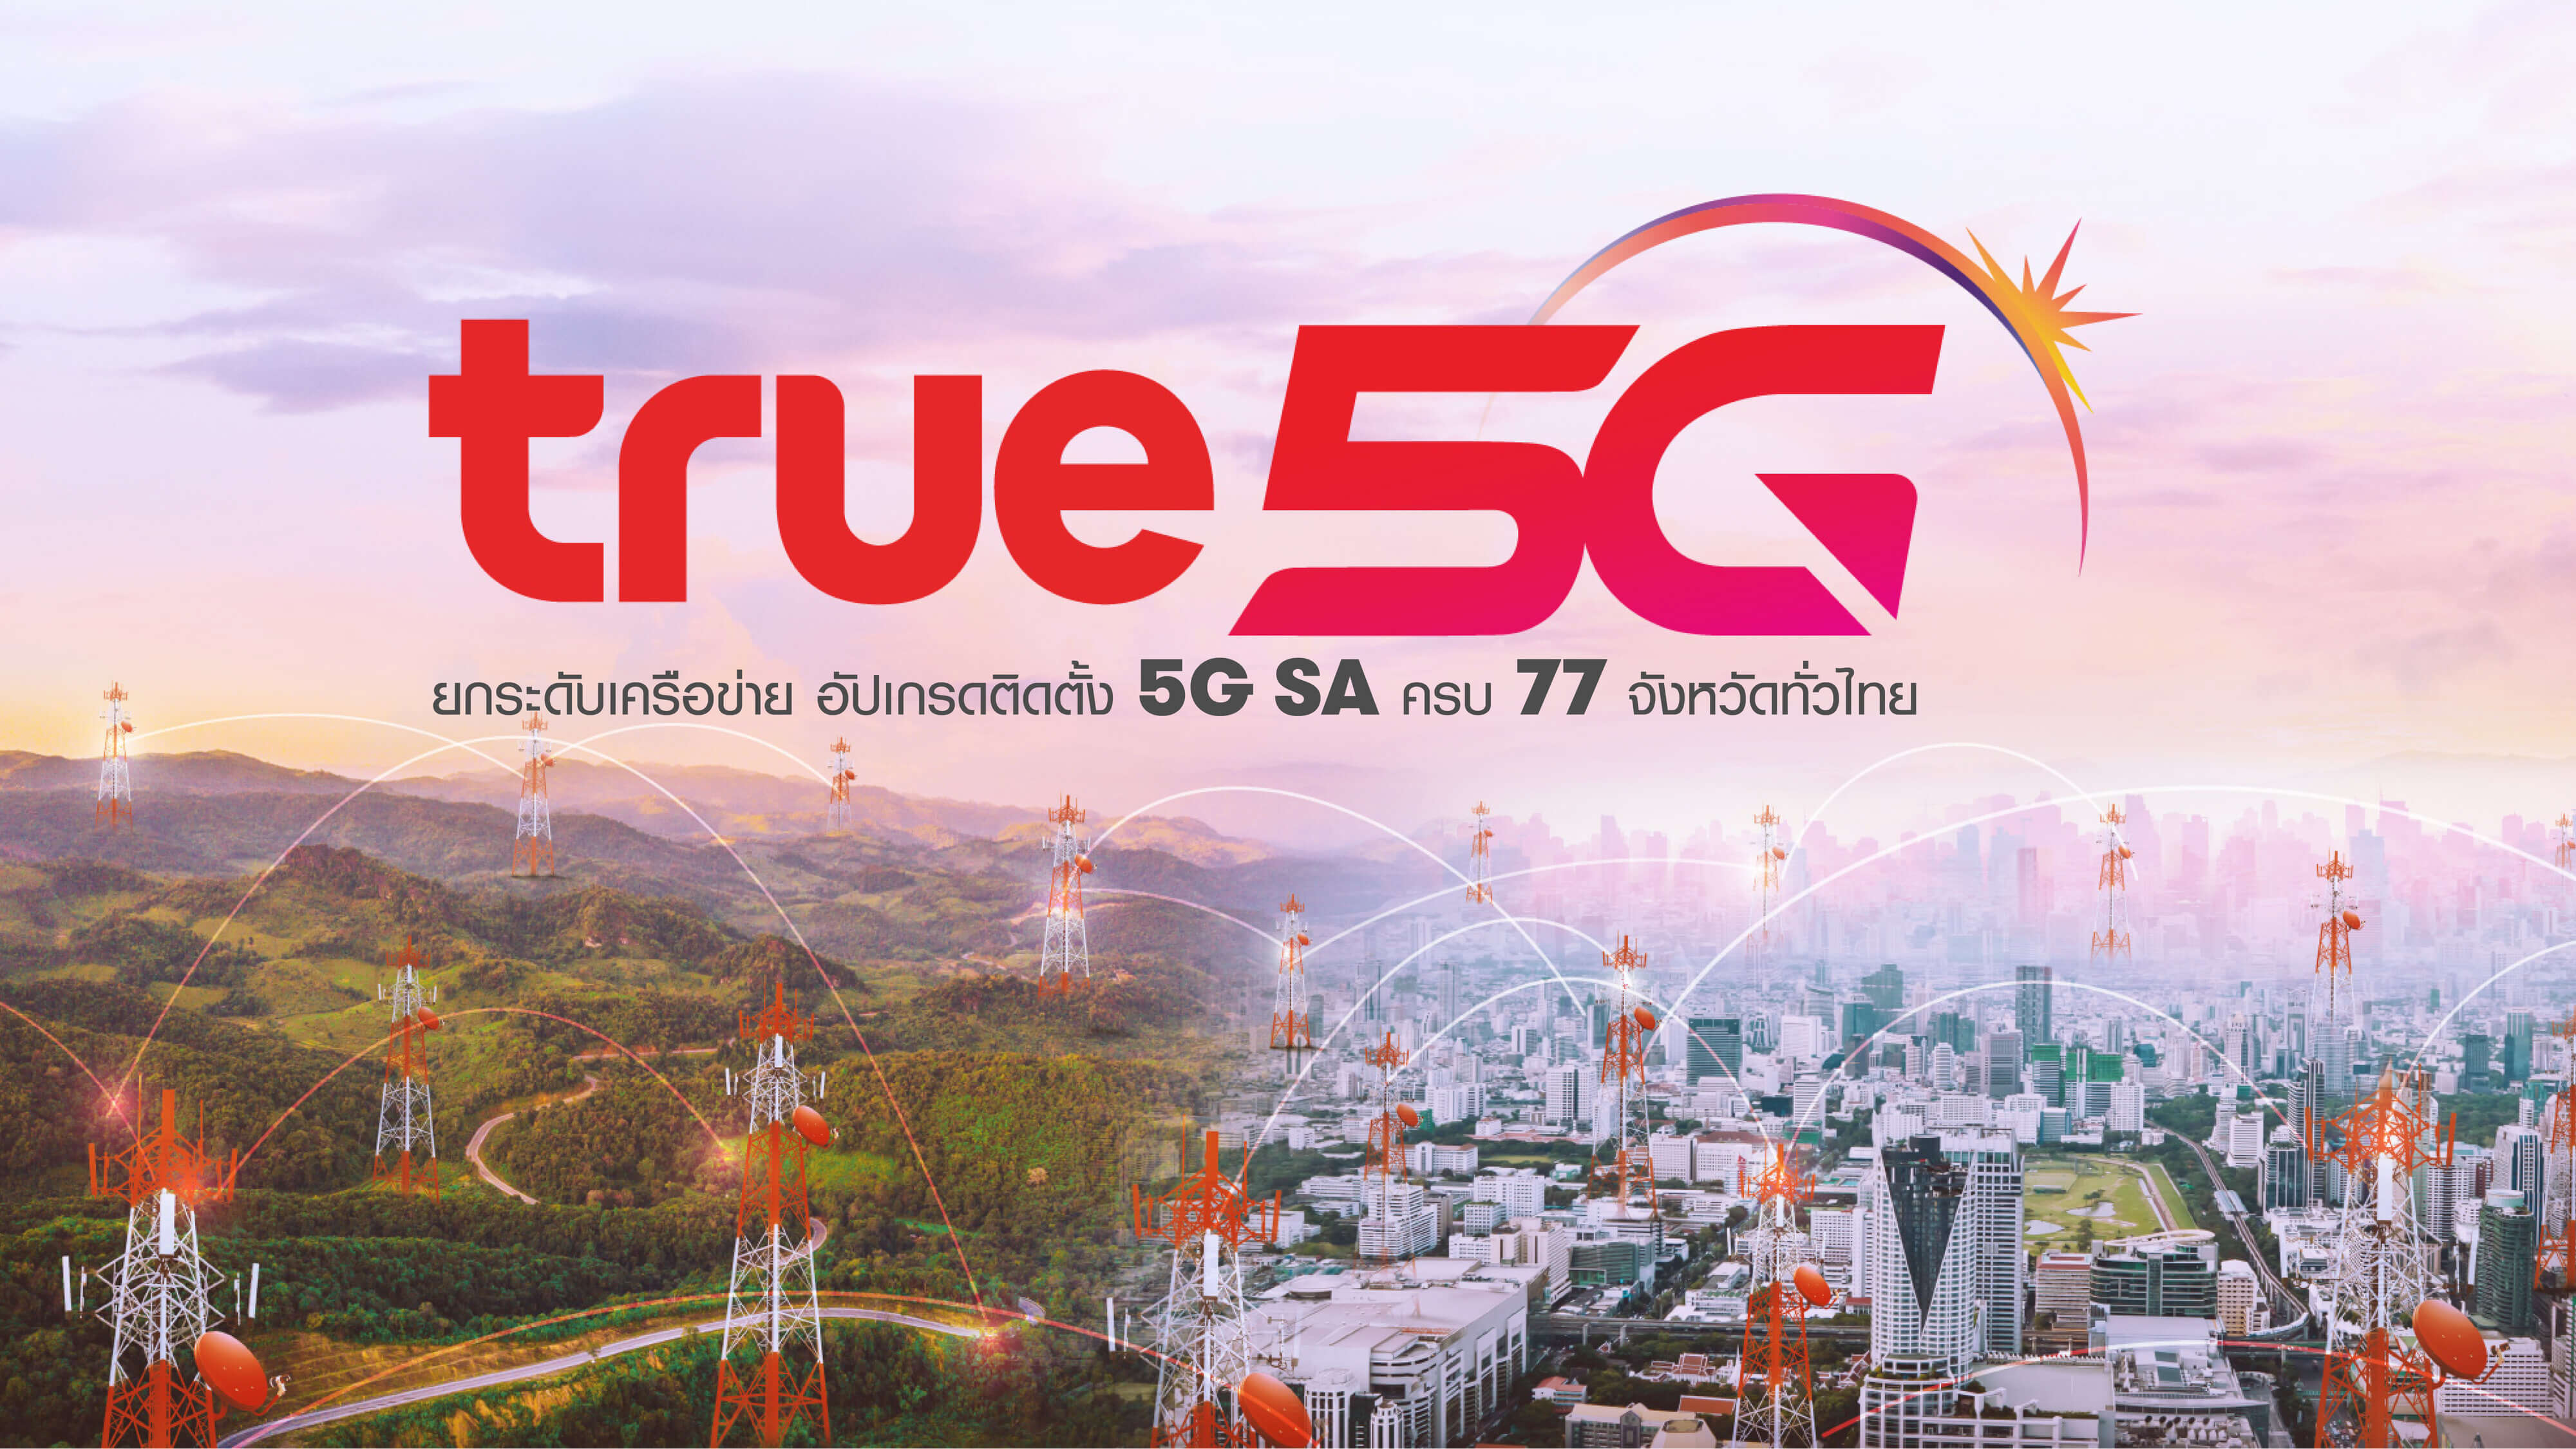 ทรู 5G ยกระดับเครือข่าย อัปเกรดติดตั้ง 5G SA ครบ 77 จังหวัดทั่วไทย